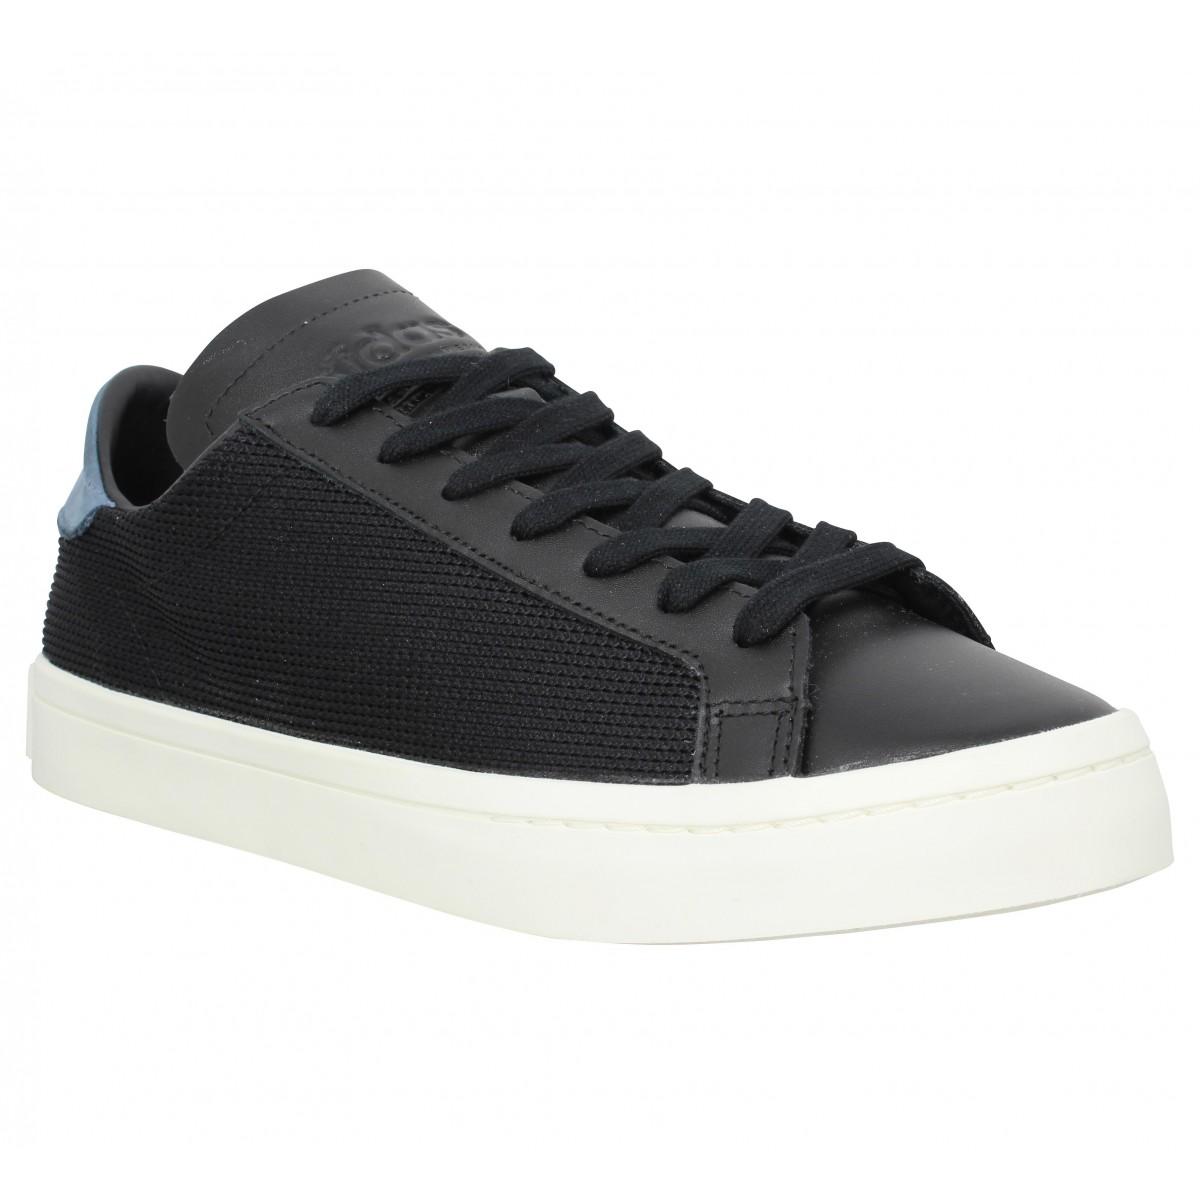 meilleur service f58e4 ed357 Adidas chaussures pour homme - Vente en ligne